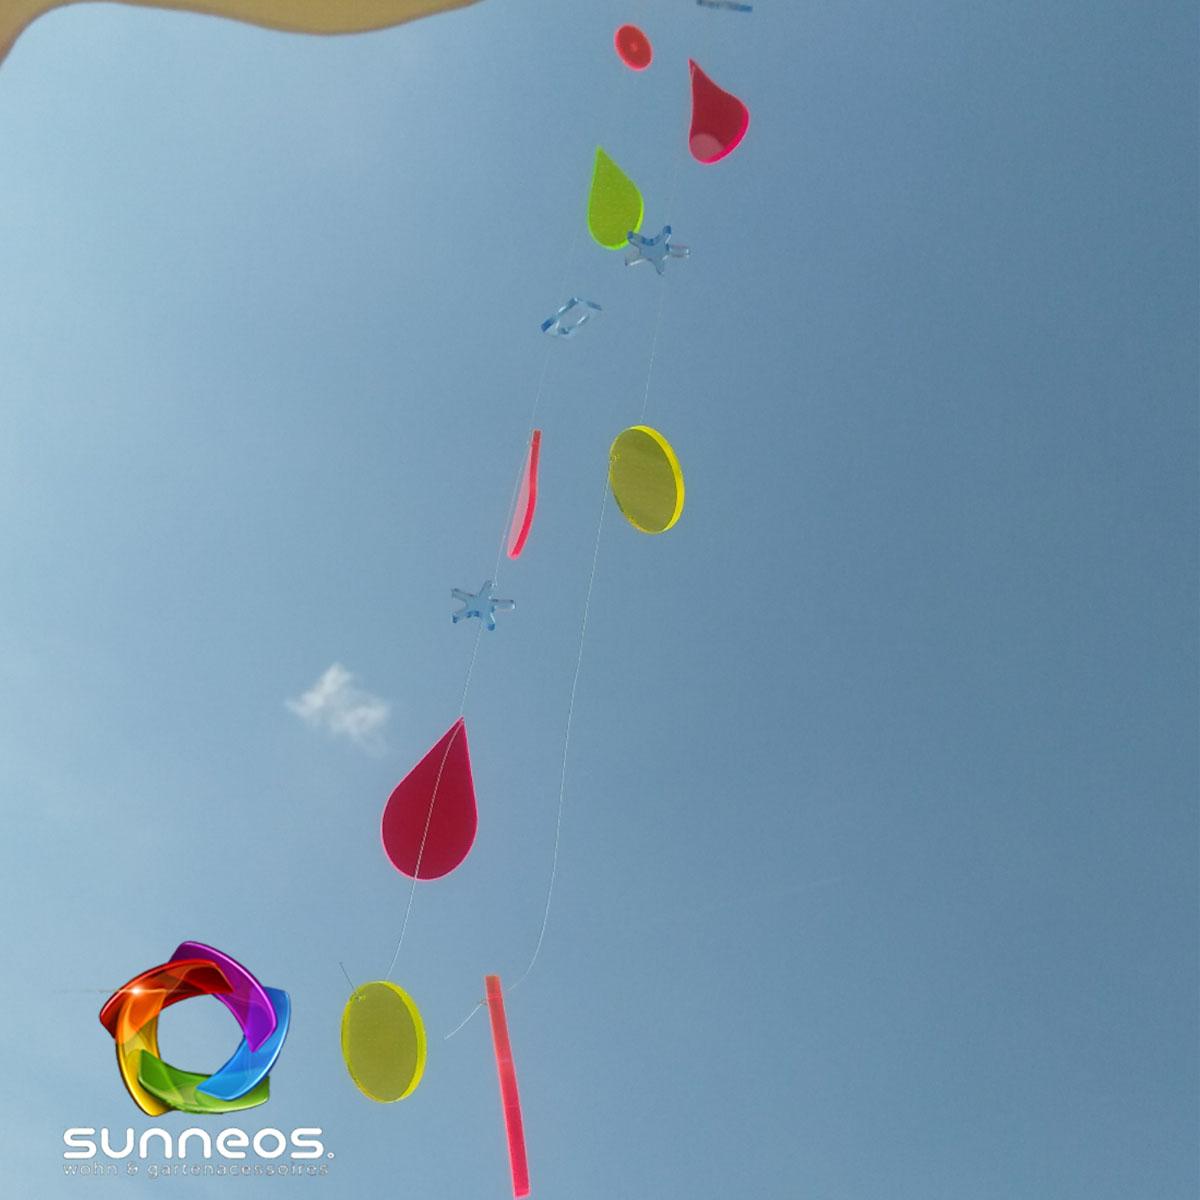 Bastelset Für Mobile Sonnenfänger Sunneos Acrylglas Basteln Zb Schmuck Präsent